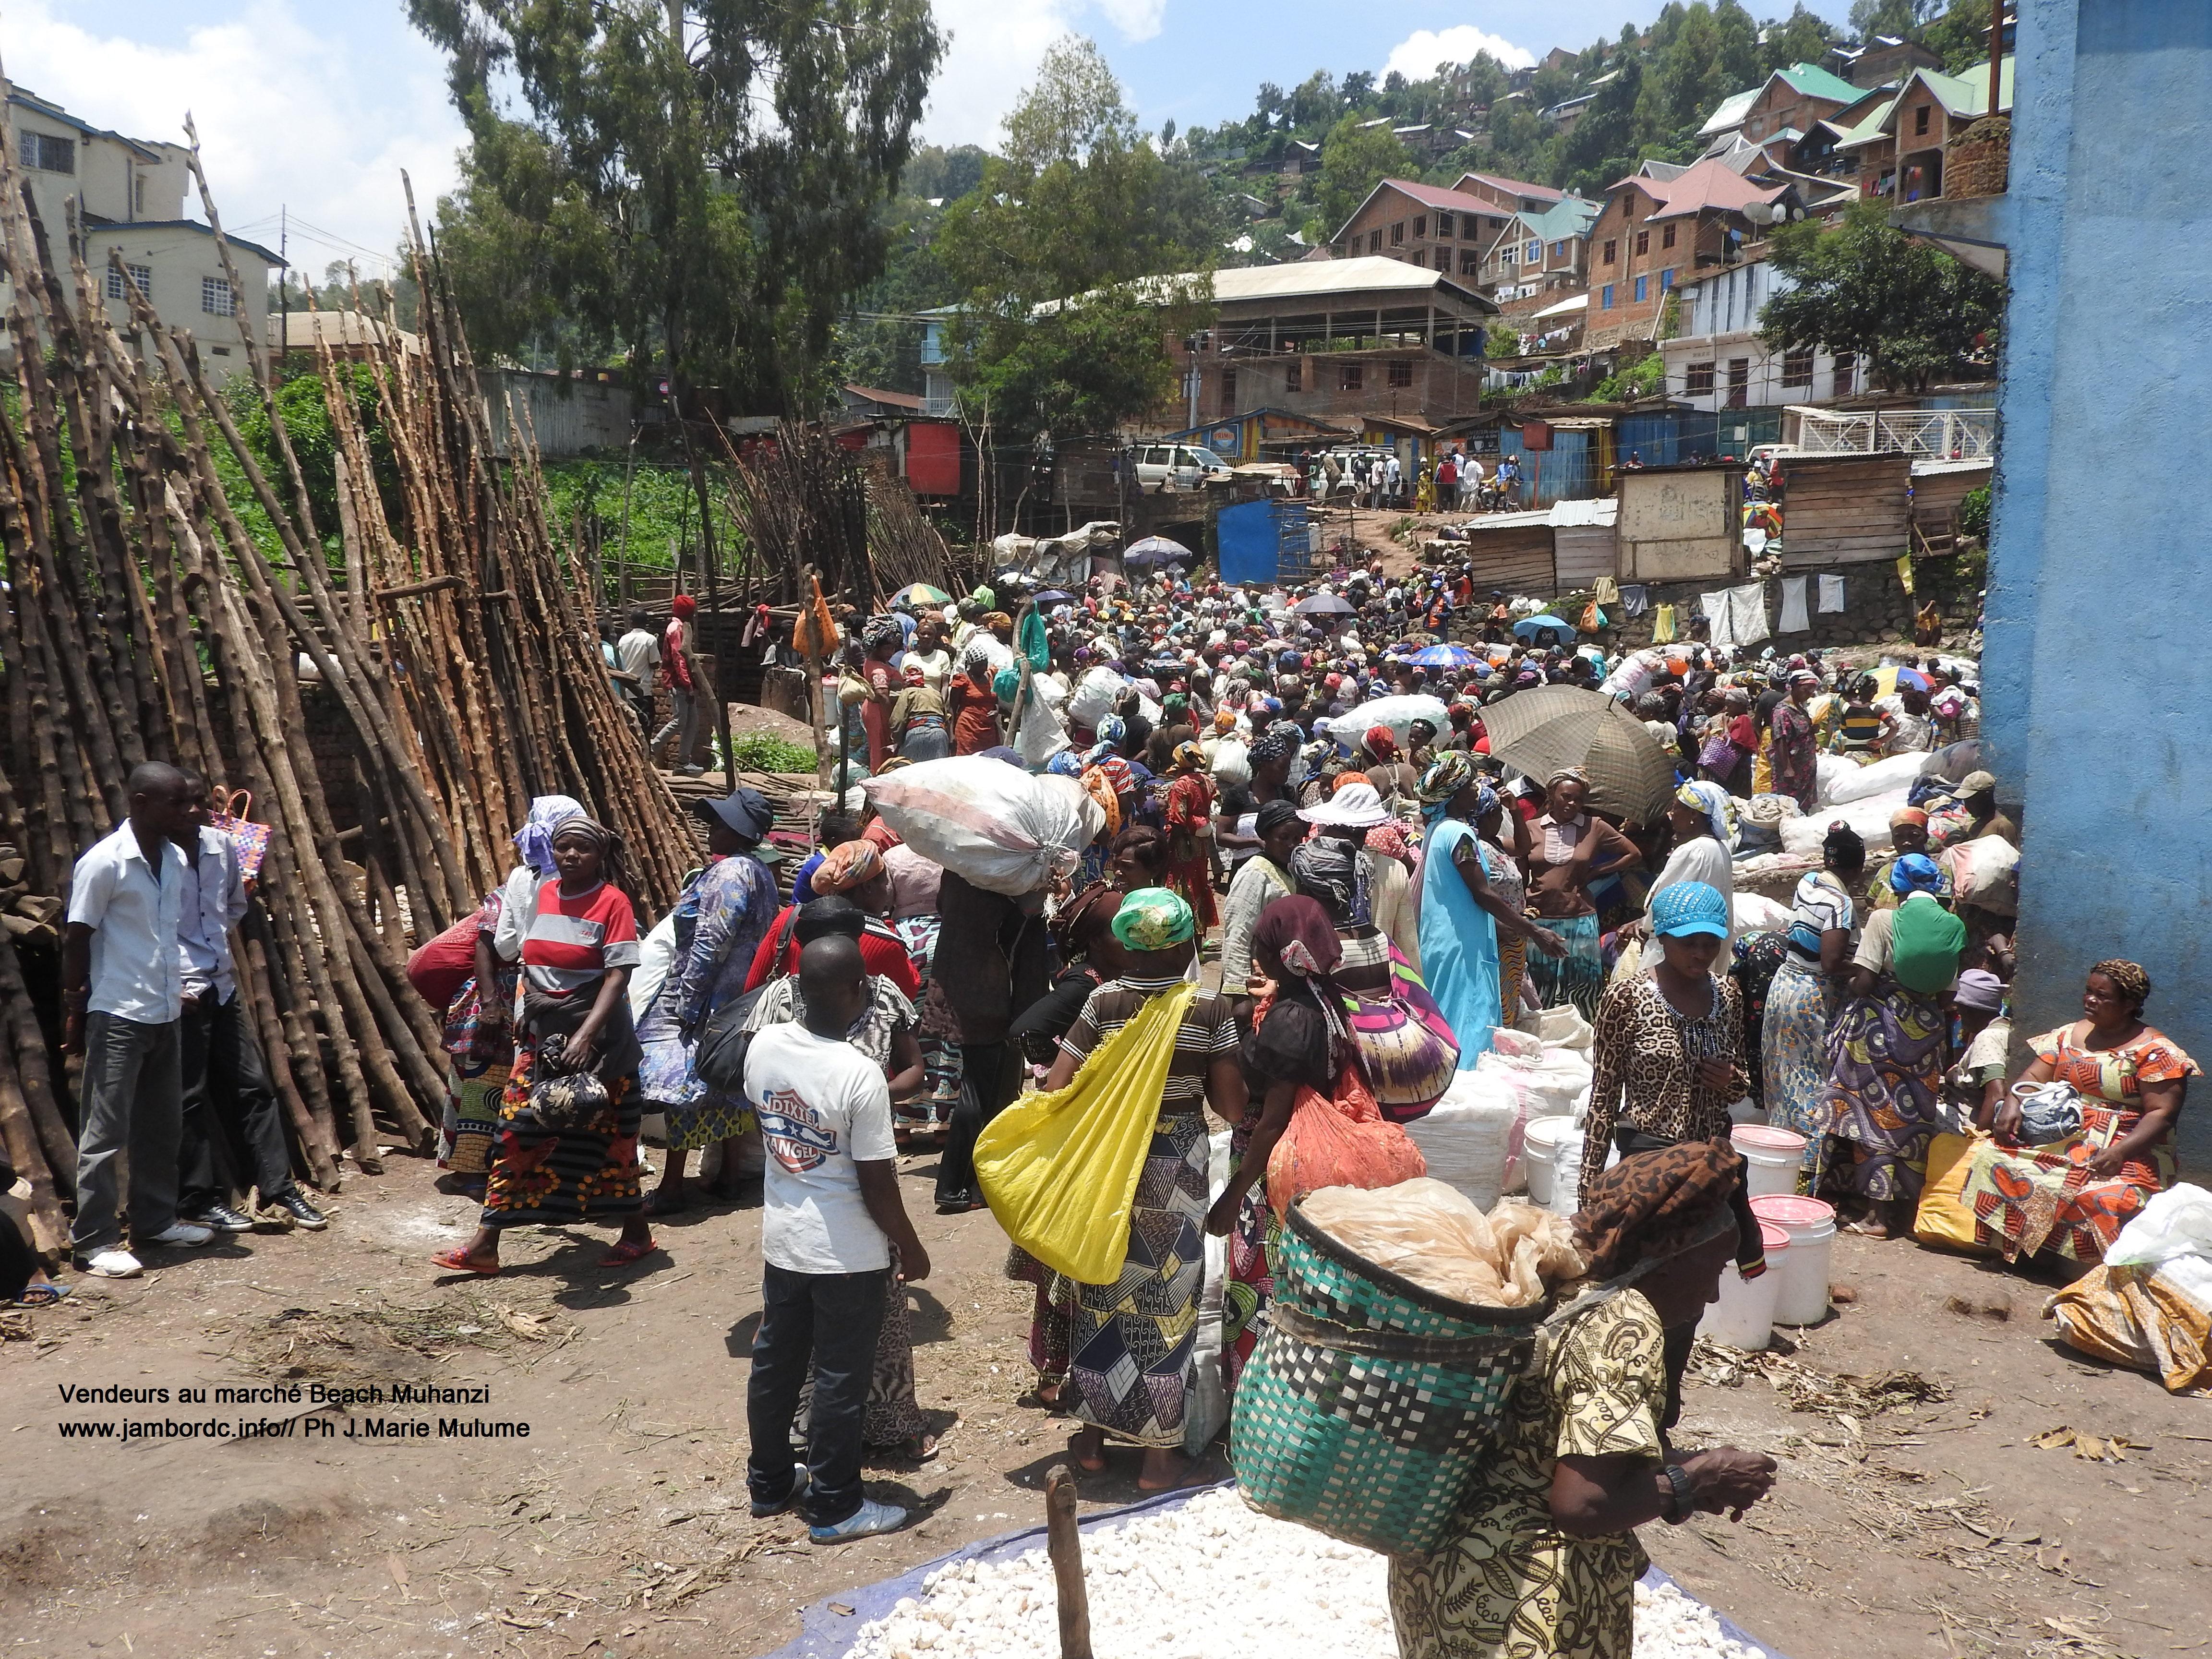 Marché Beach Muhanzi : Les vendeurs exigent la fermeture du « Nganda » chez Jérôme